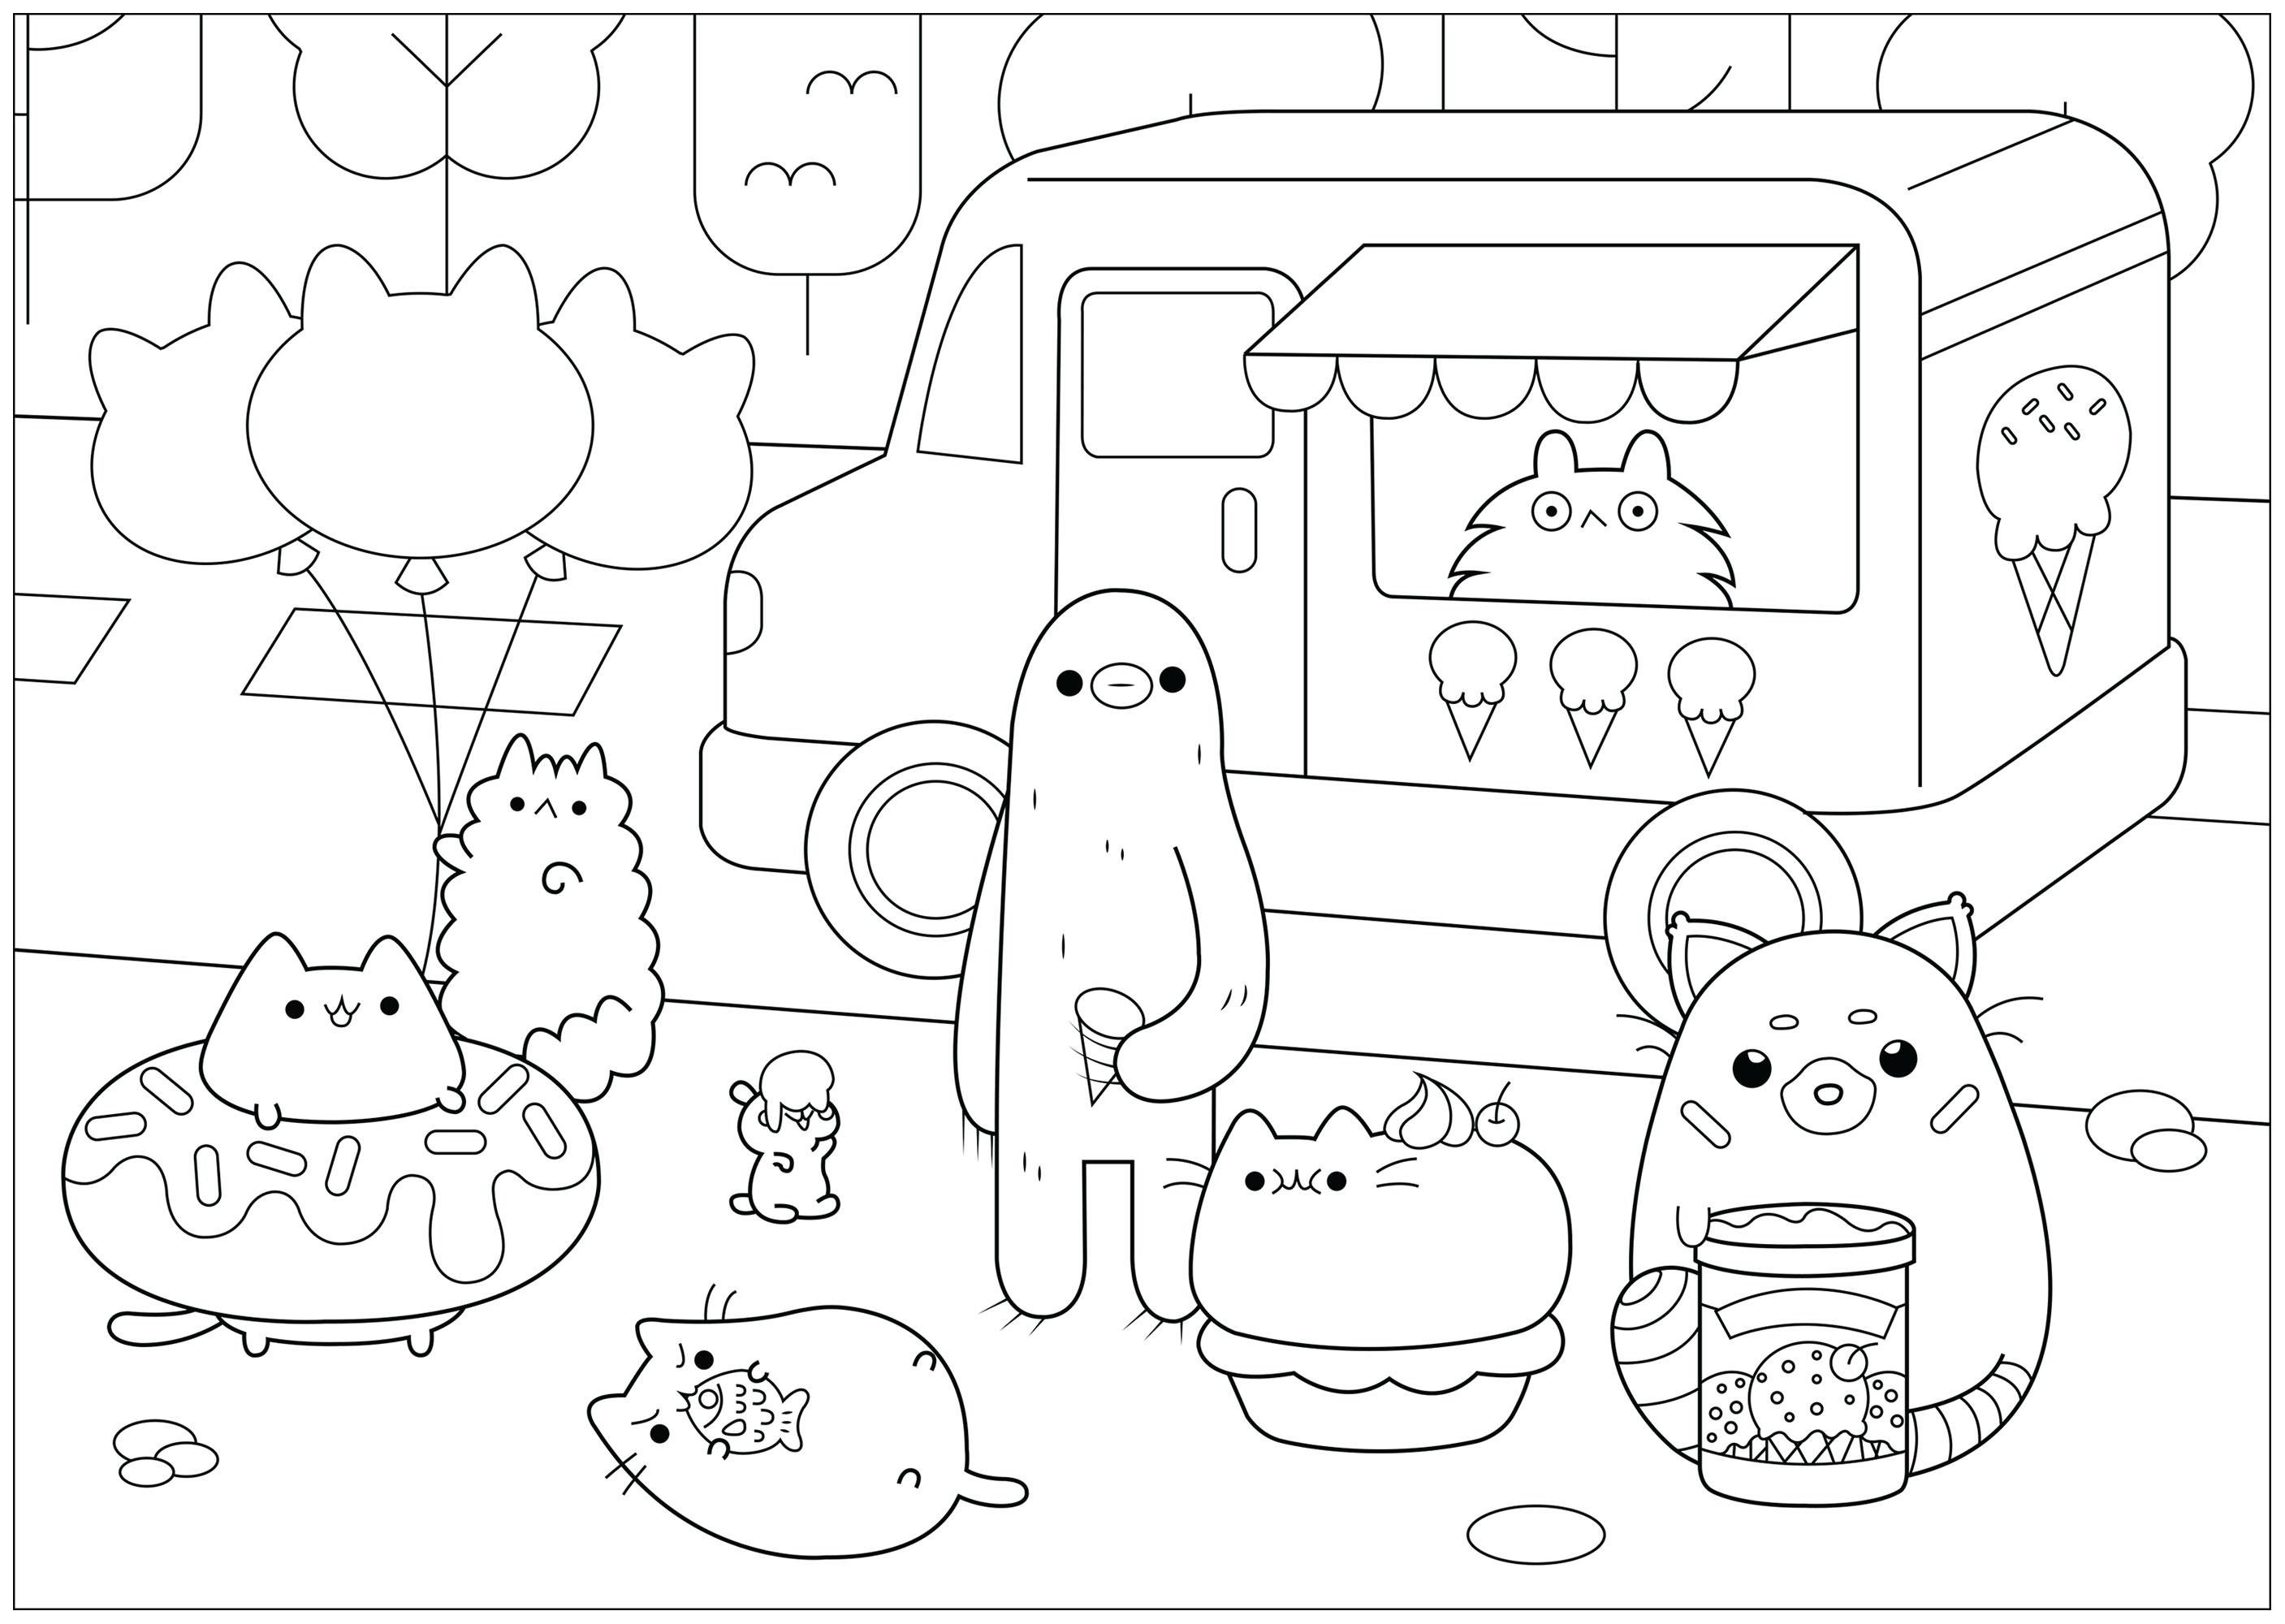 Achetez une glace chez ce marchand et mangez la avec ces personnages Pusheen vraiment trop mignons